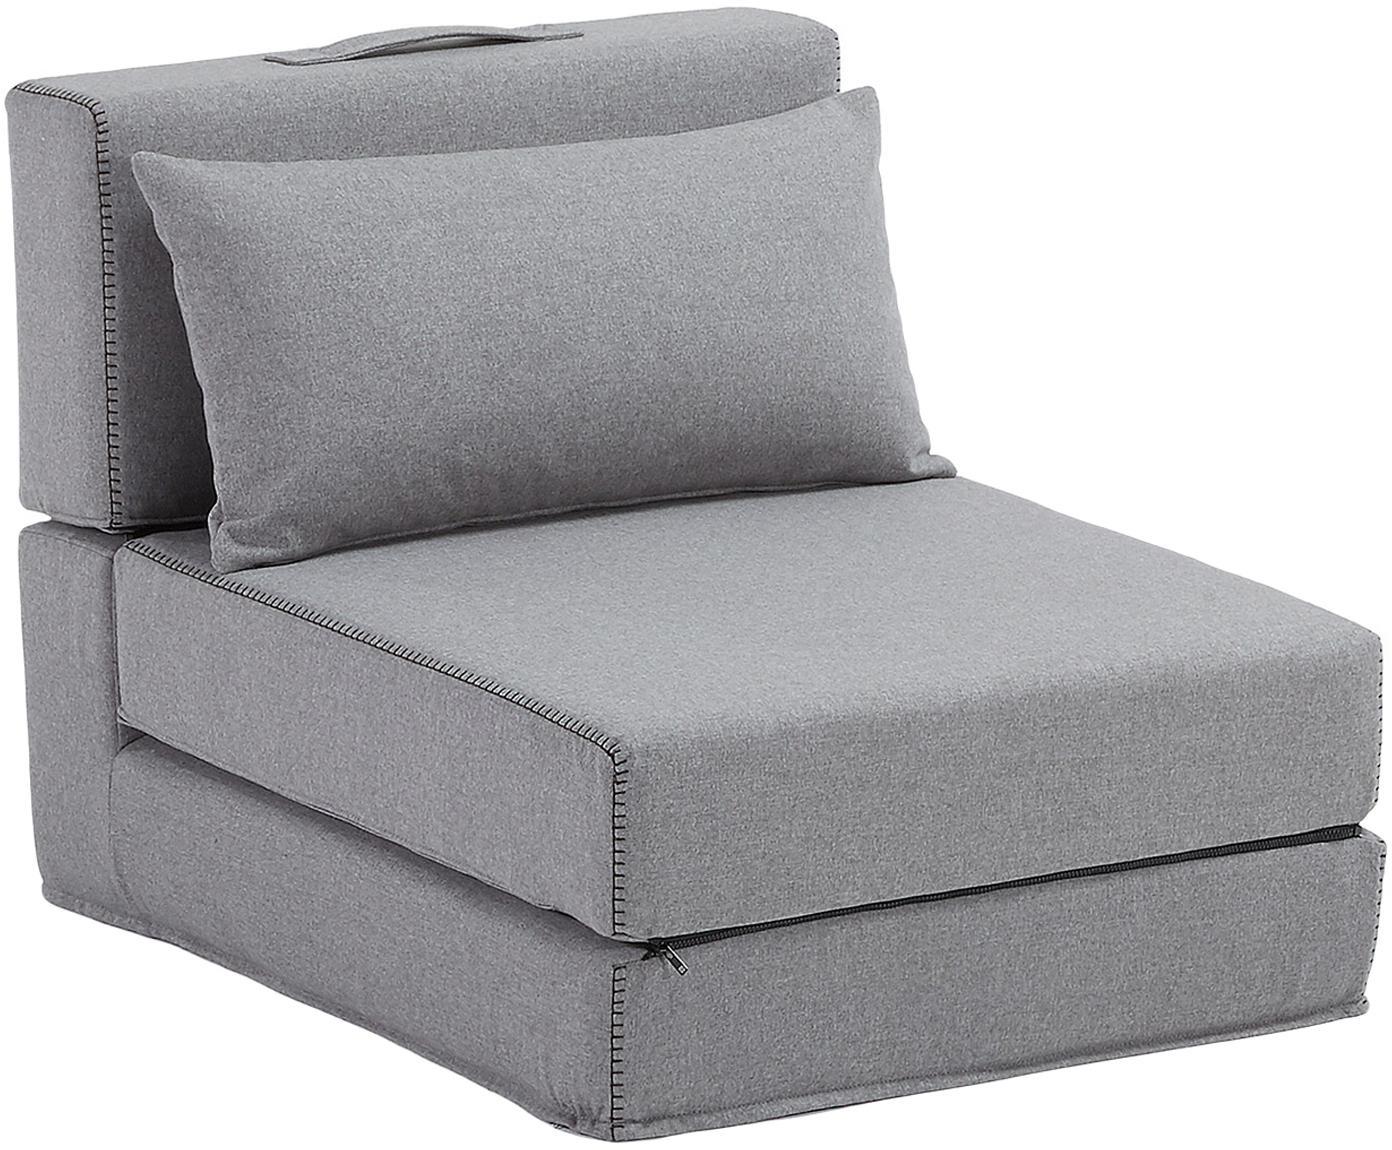 Fotel rozkładany Arty, Pianka, tkanina, Szary, S 70 x D 67 cm